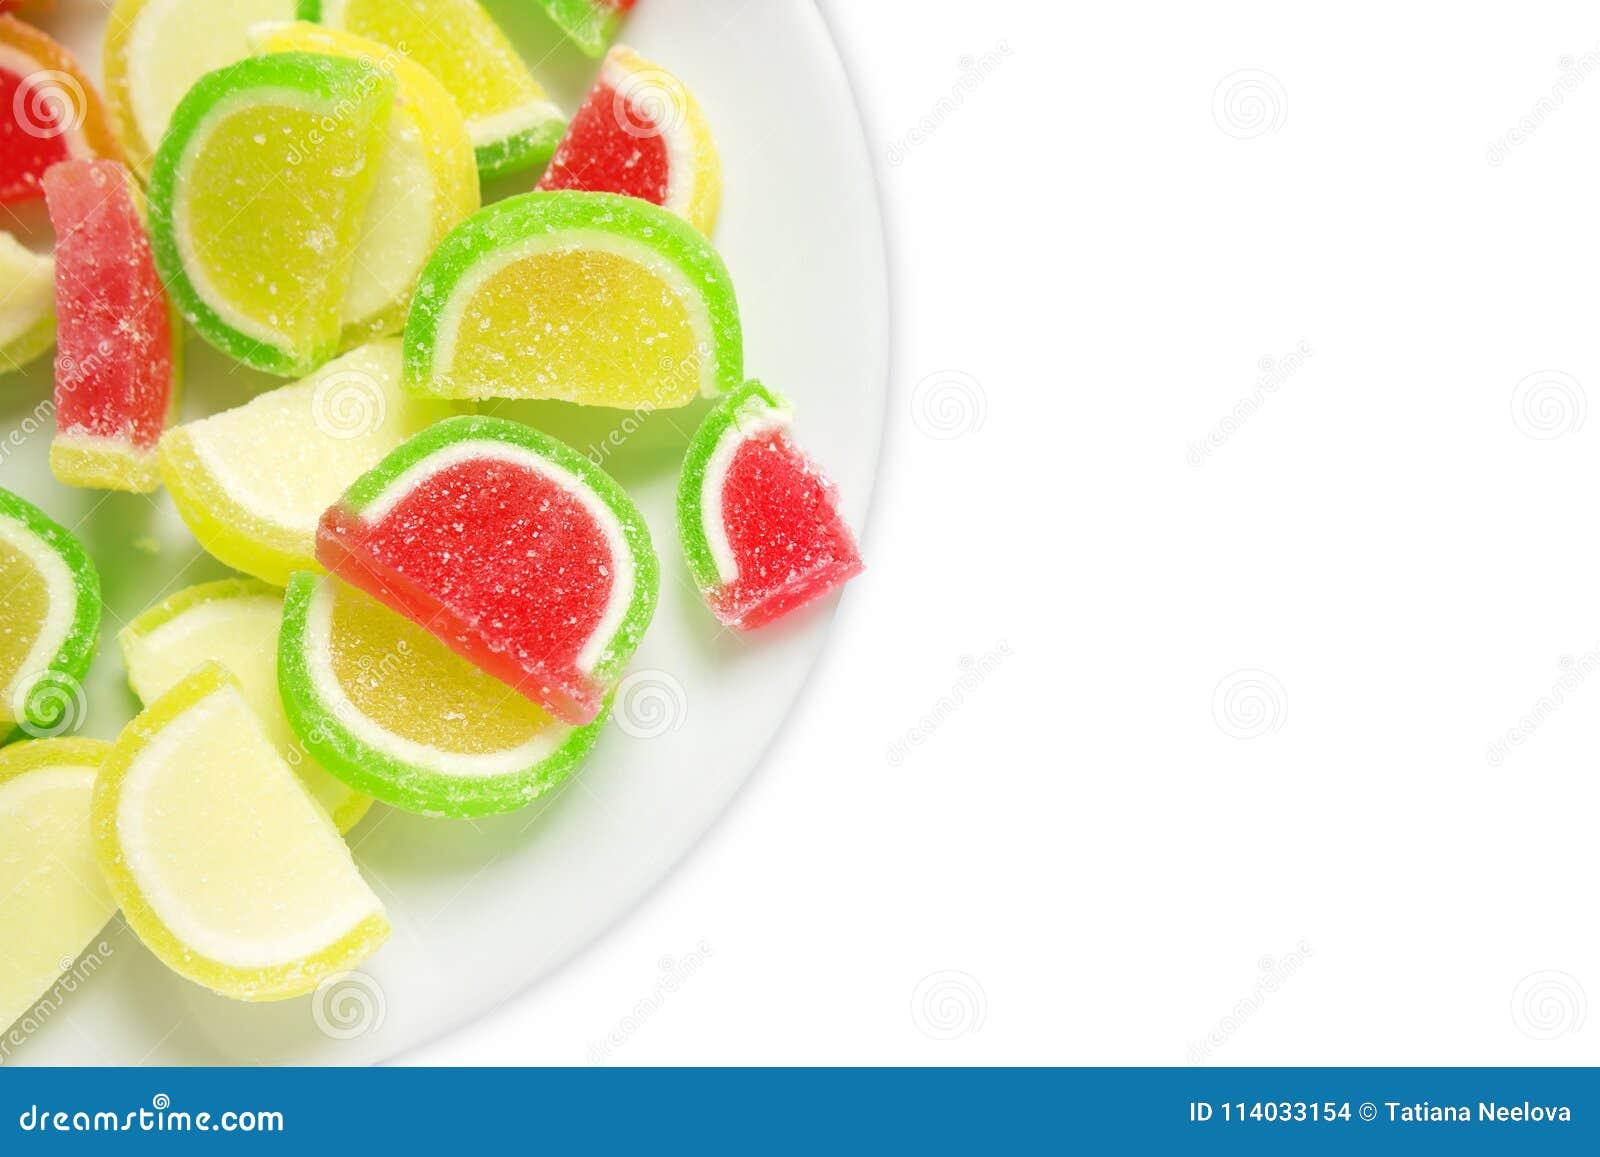 Een luchtfoto van zoete smakelijke suikerachtige kleurrijke geleimarmelade Trillende geassorteerde die suikergoed of snoepjes op